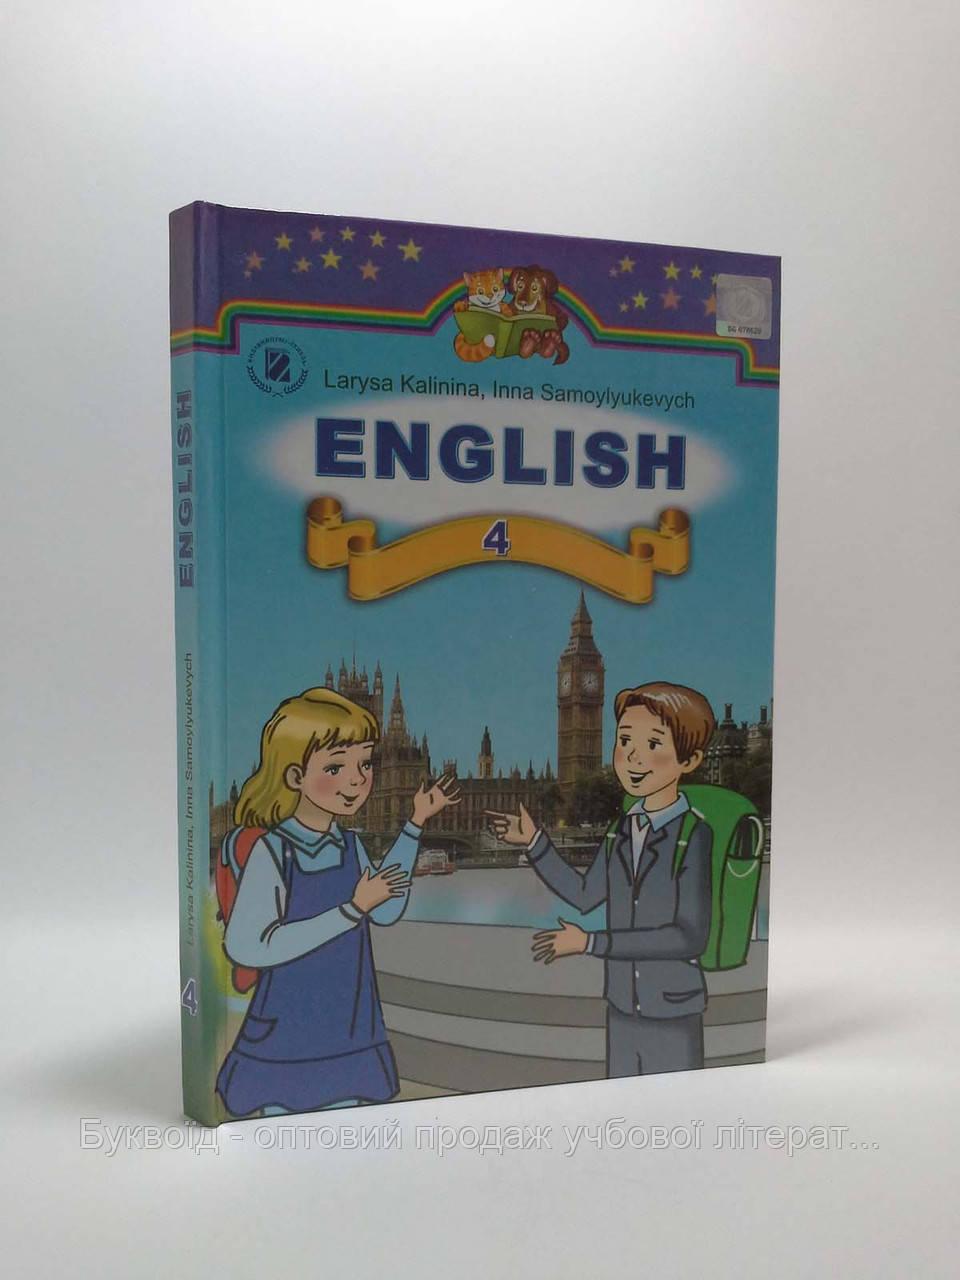 Англійська мова 4 клас Підручник для спеціалізованих шкіл Калініна Генеза ISBN 978-966-11-0627-6